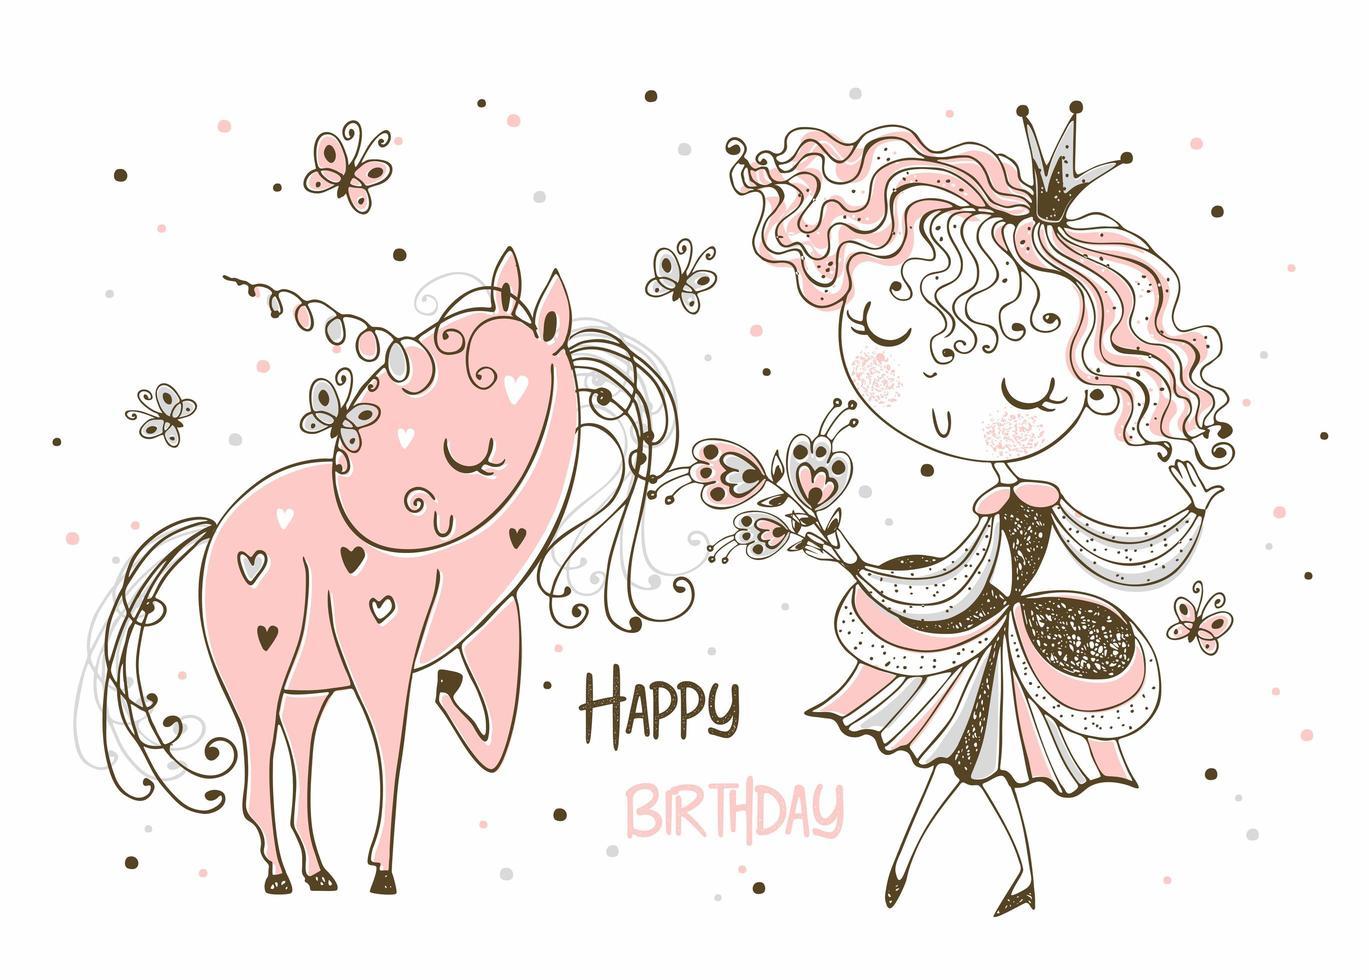 carte d'anniversaire d'une princesse et d'une licorne vecteur